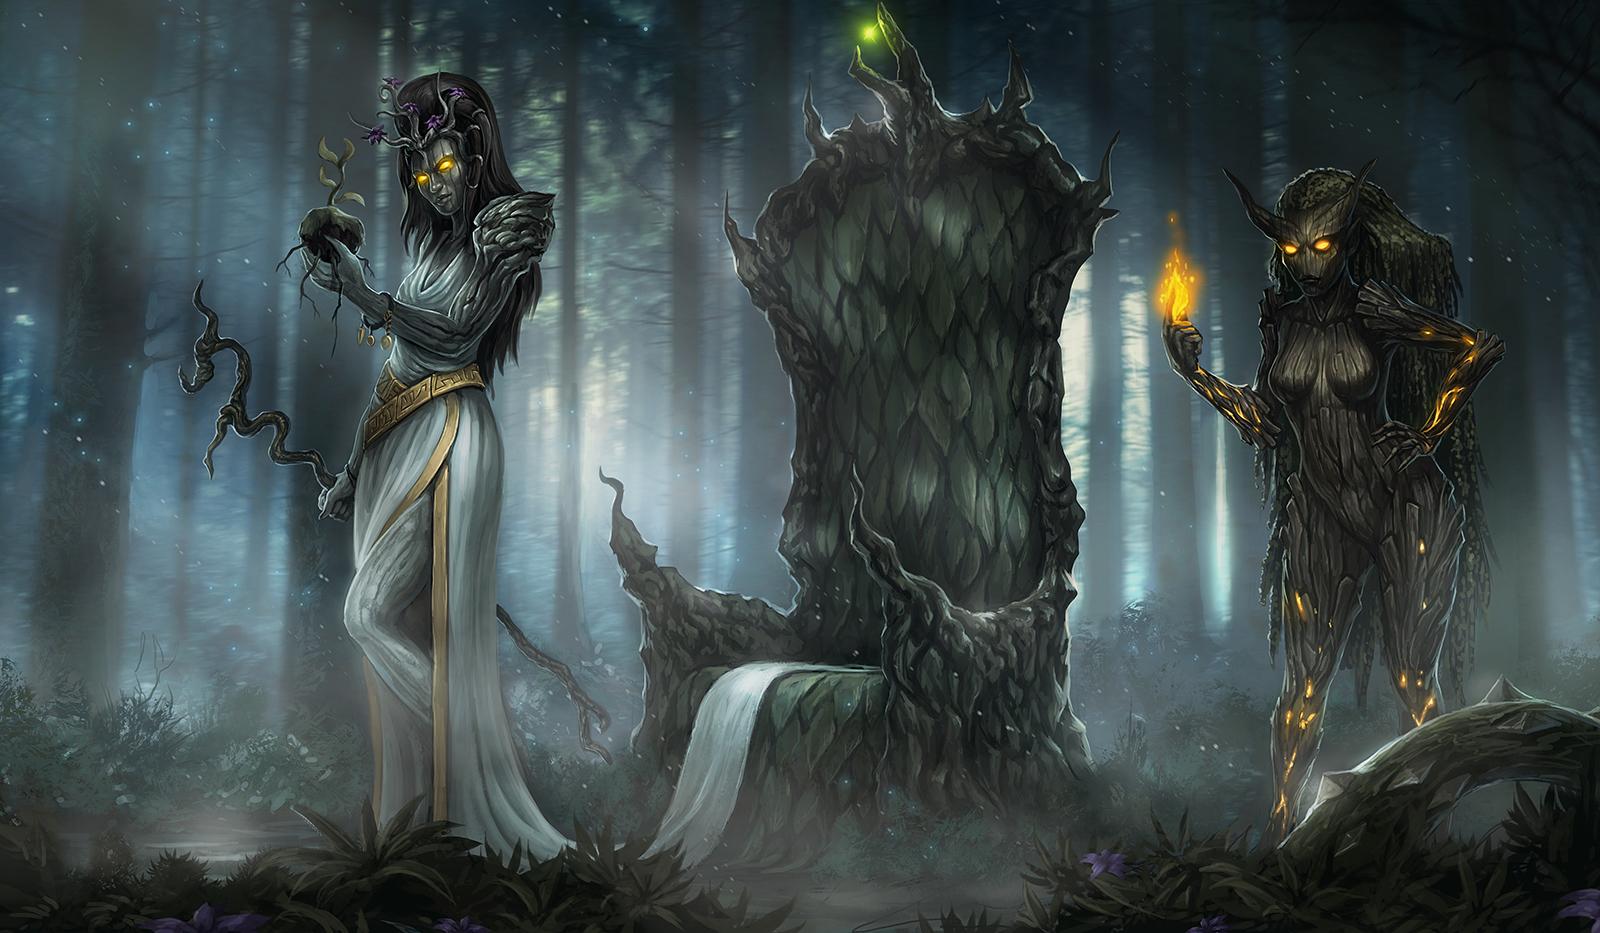 The Naria Queen